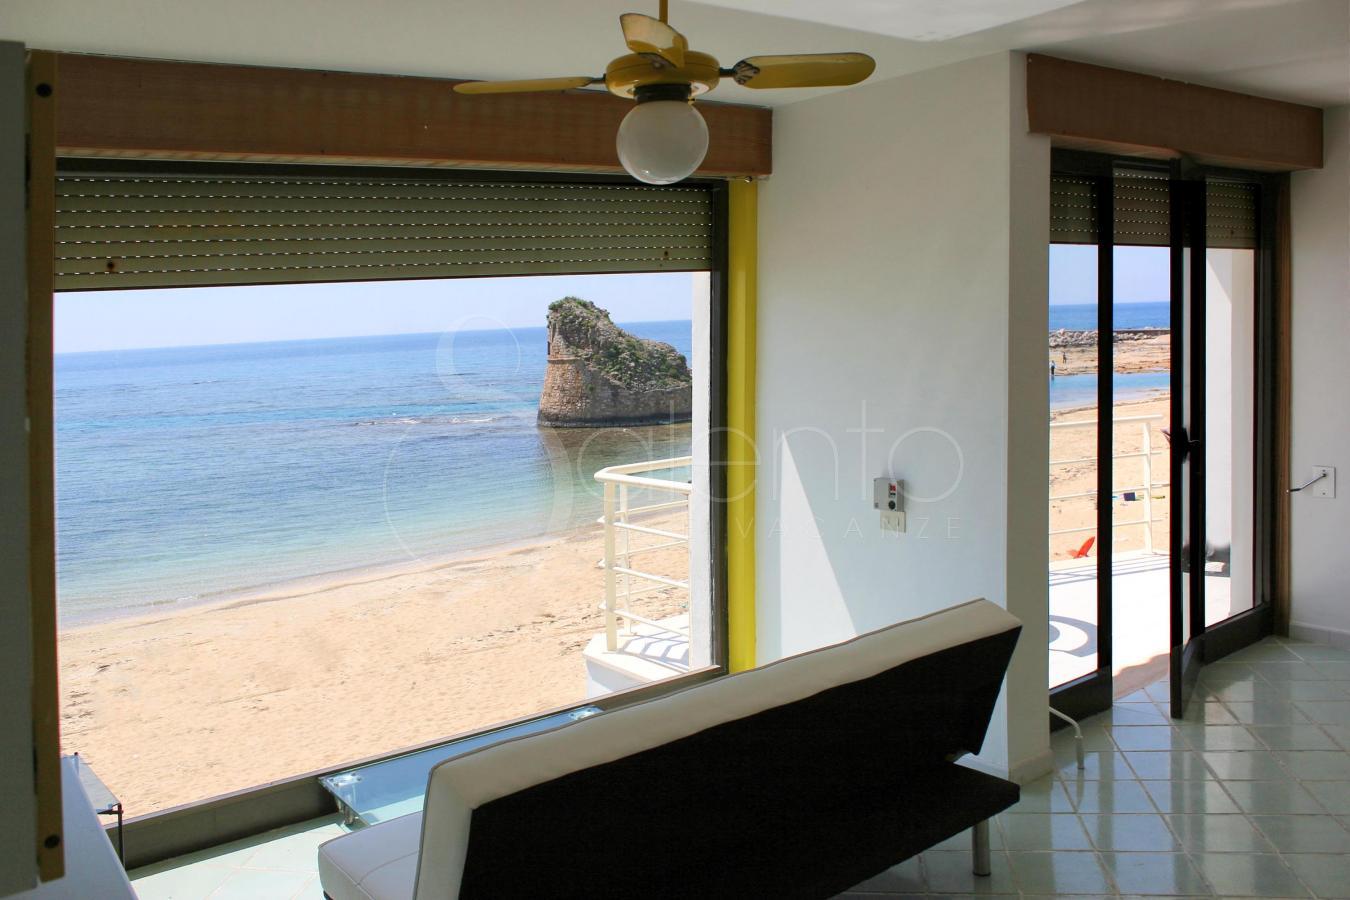 Casa vacanza sulla spiaggia a torre pali attico della for Disegni moderni della casa sulla spiaggia